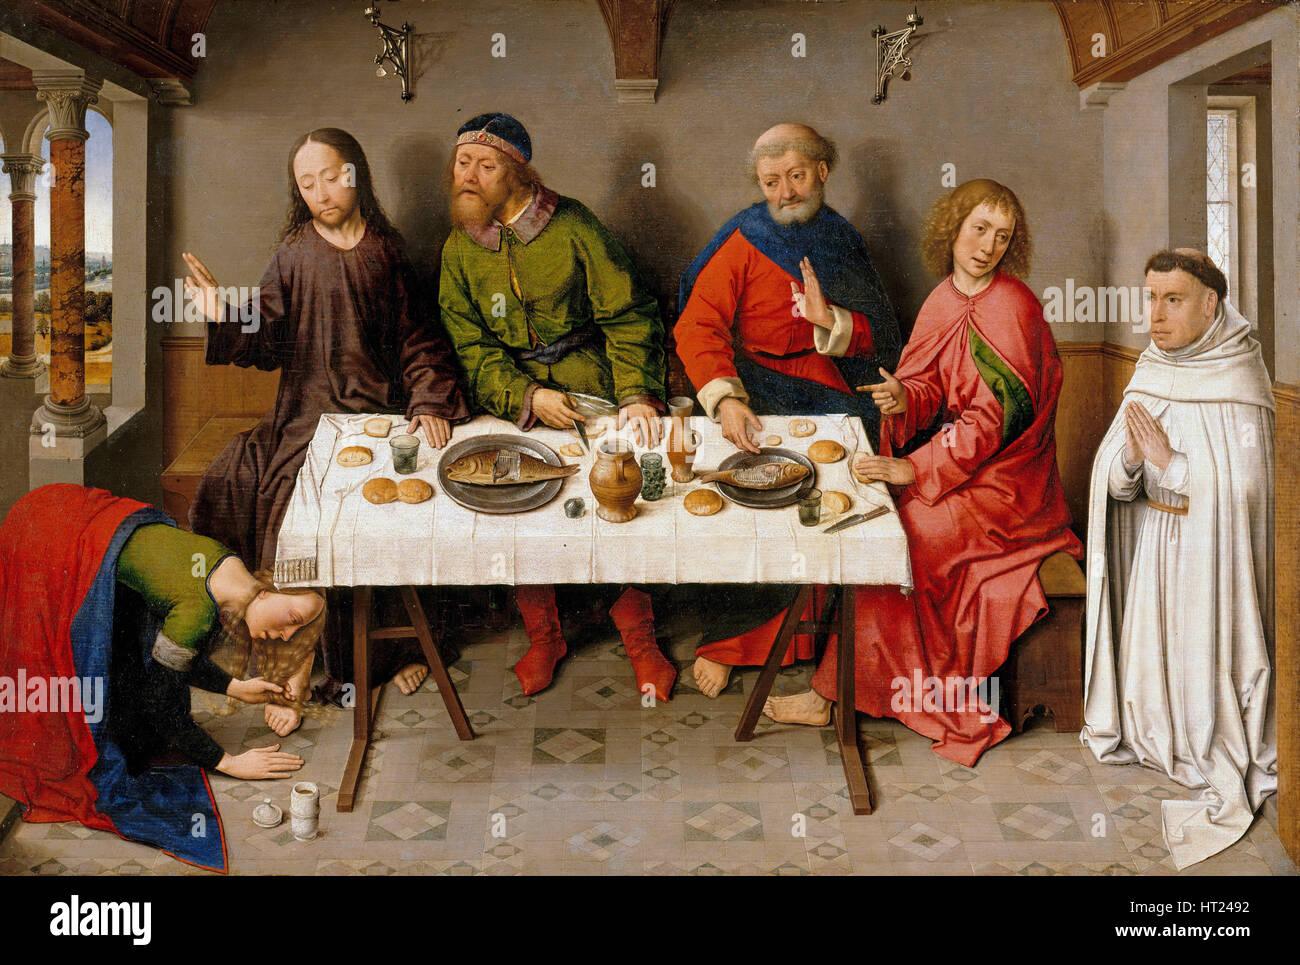 Le Christ dans la maison de Simon le pharisien, ch. 1450. Artiste: Combats, Dirk (1410/20-1475) Photo Stock